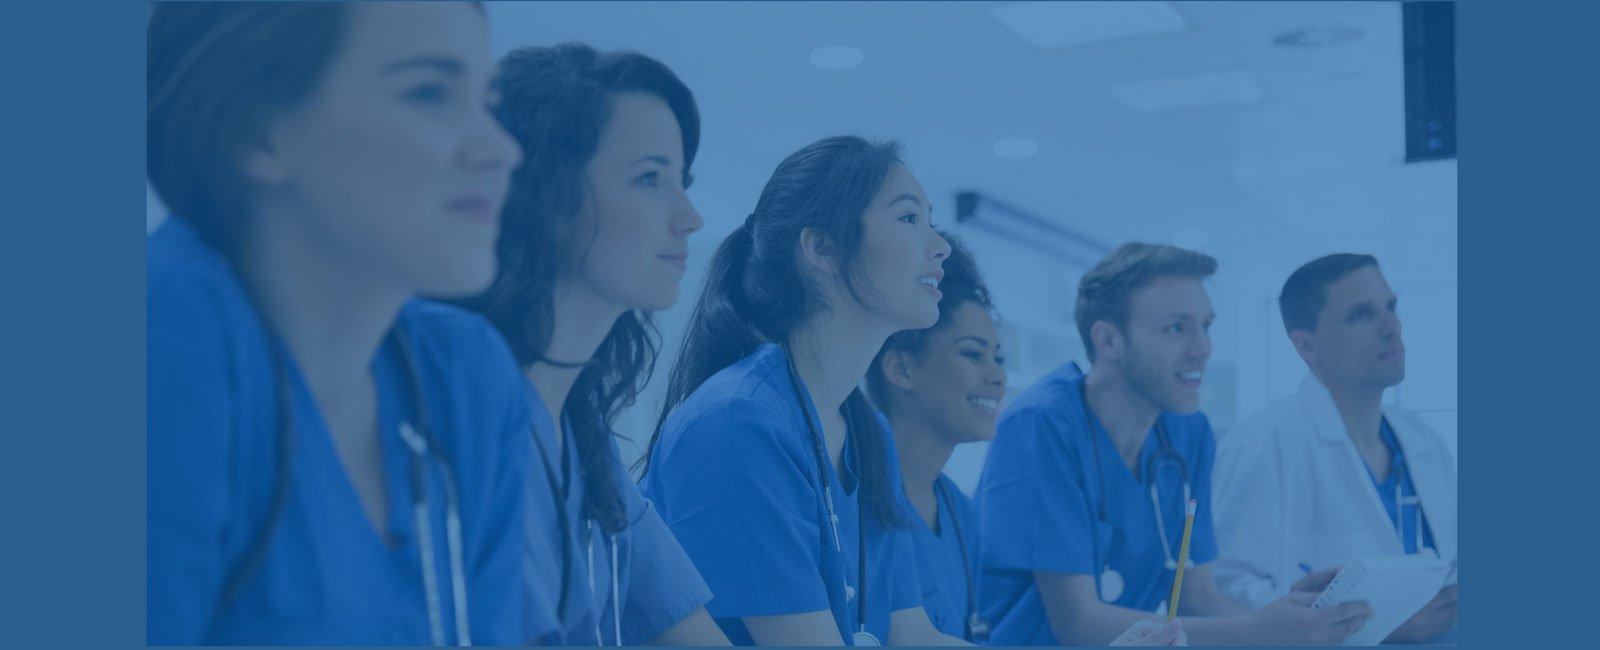 Navigate-the-Med-School-Maze---BG-1600